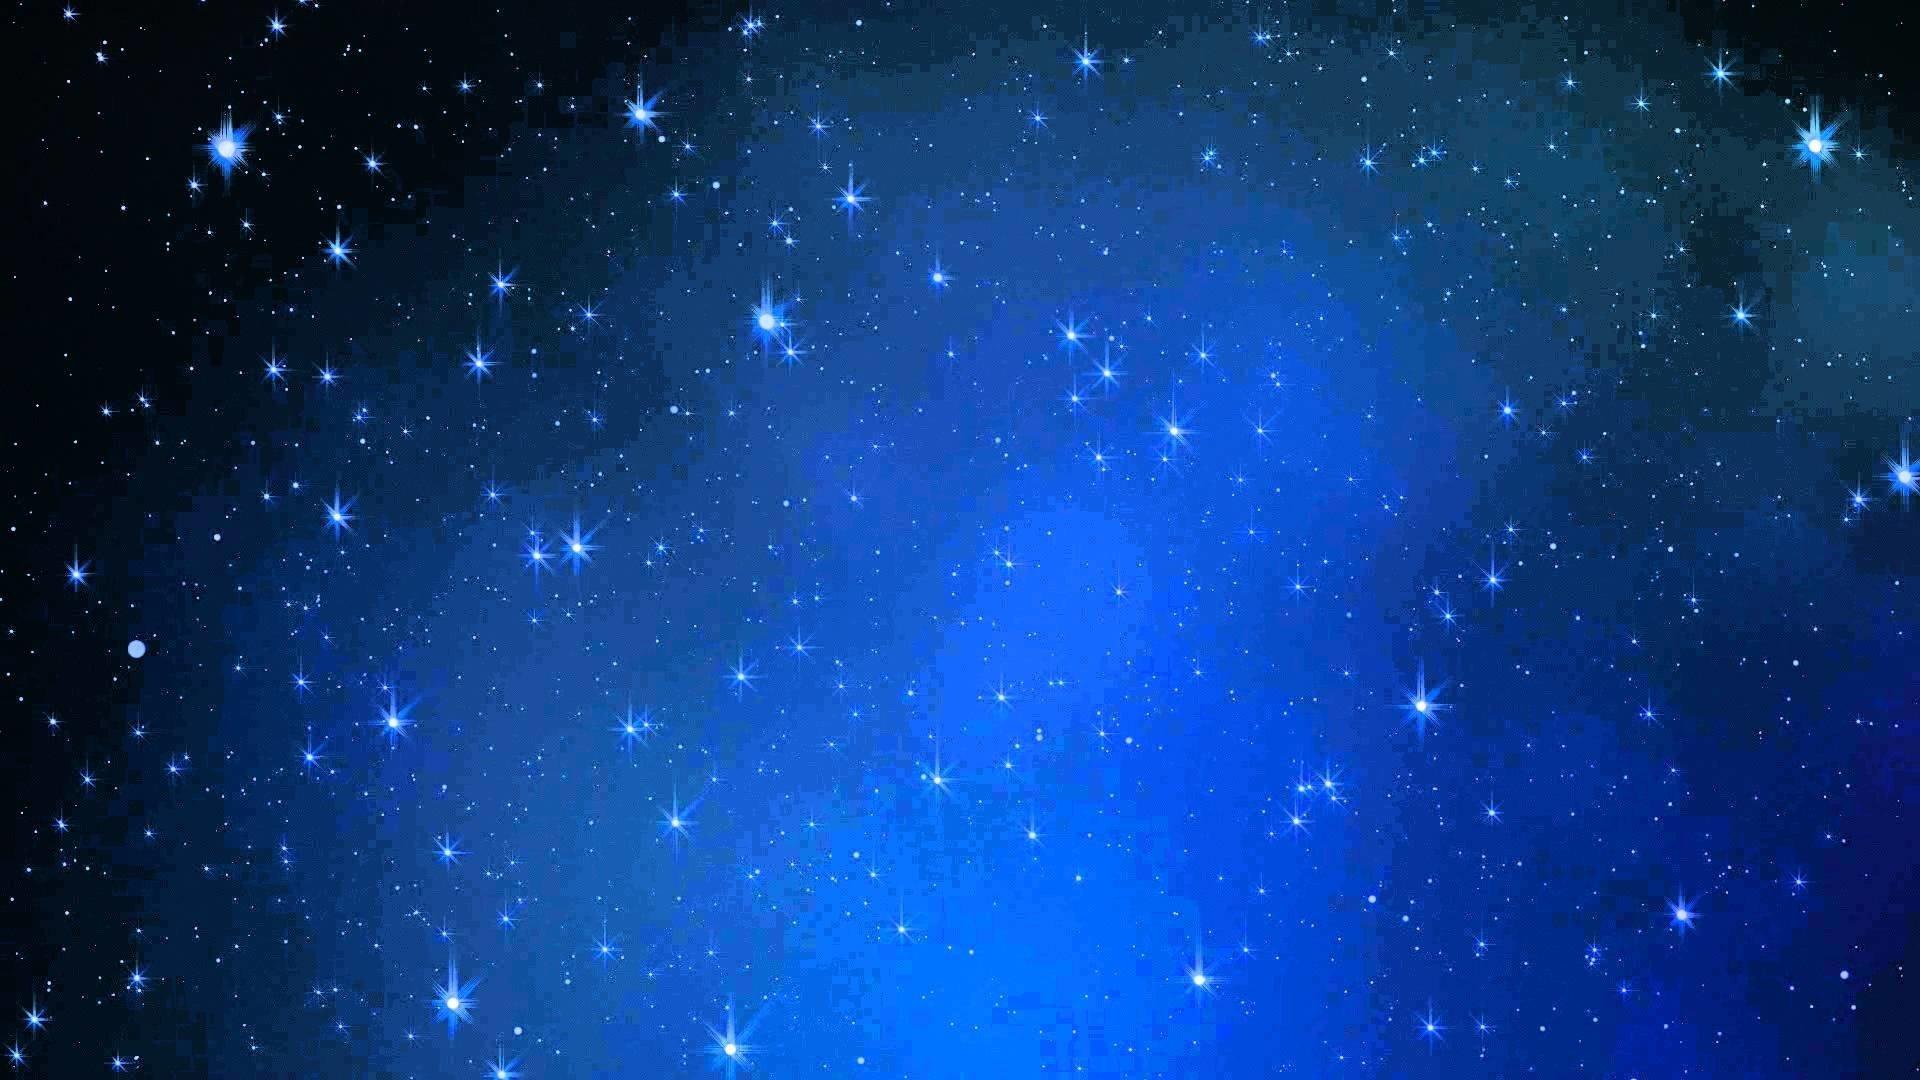 мексике фон неба со звездами там уже нежизнеспособные